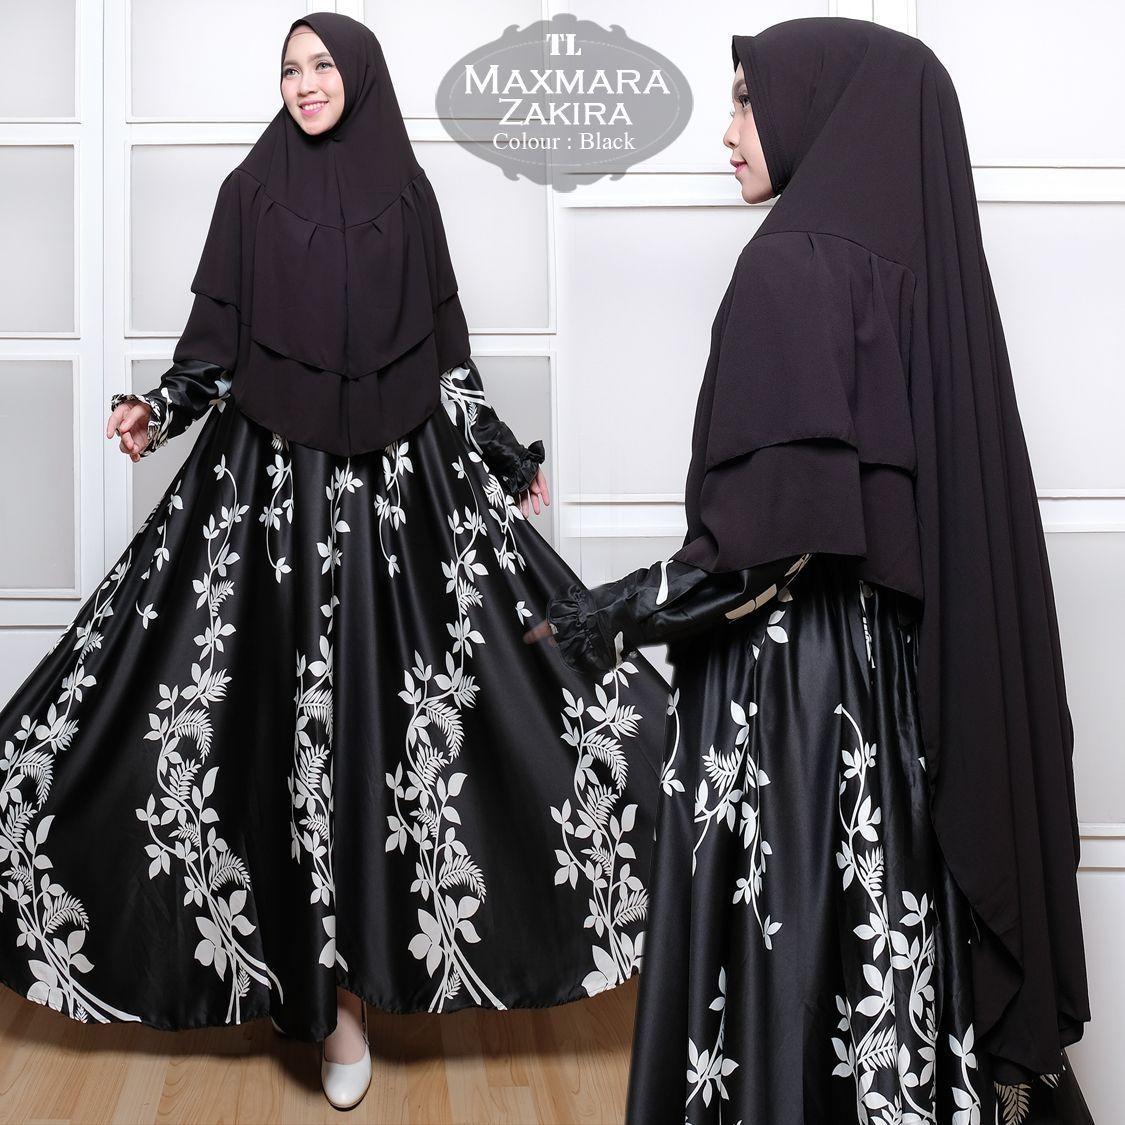 Gamis syari remaja/gamis jumbo wanita/gamis cadar muslimah/gamis busui masa kini/gaun muslim wanita ld 120 cm pj 148 cm bagus dan murah